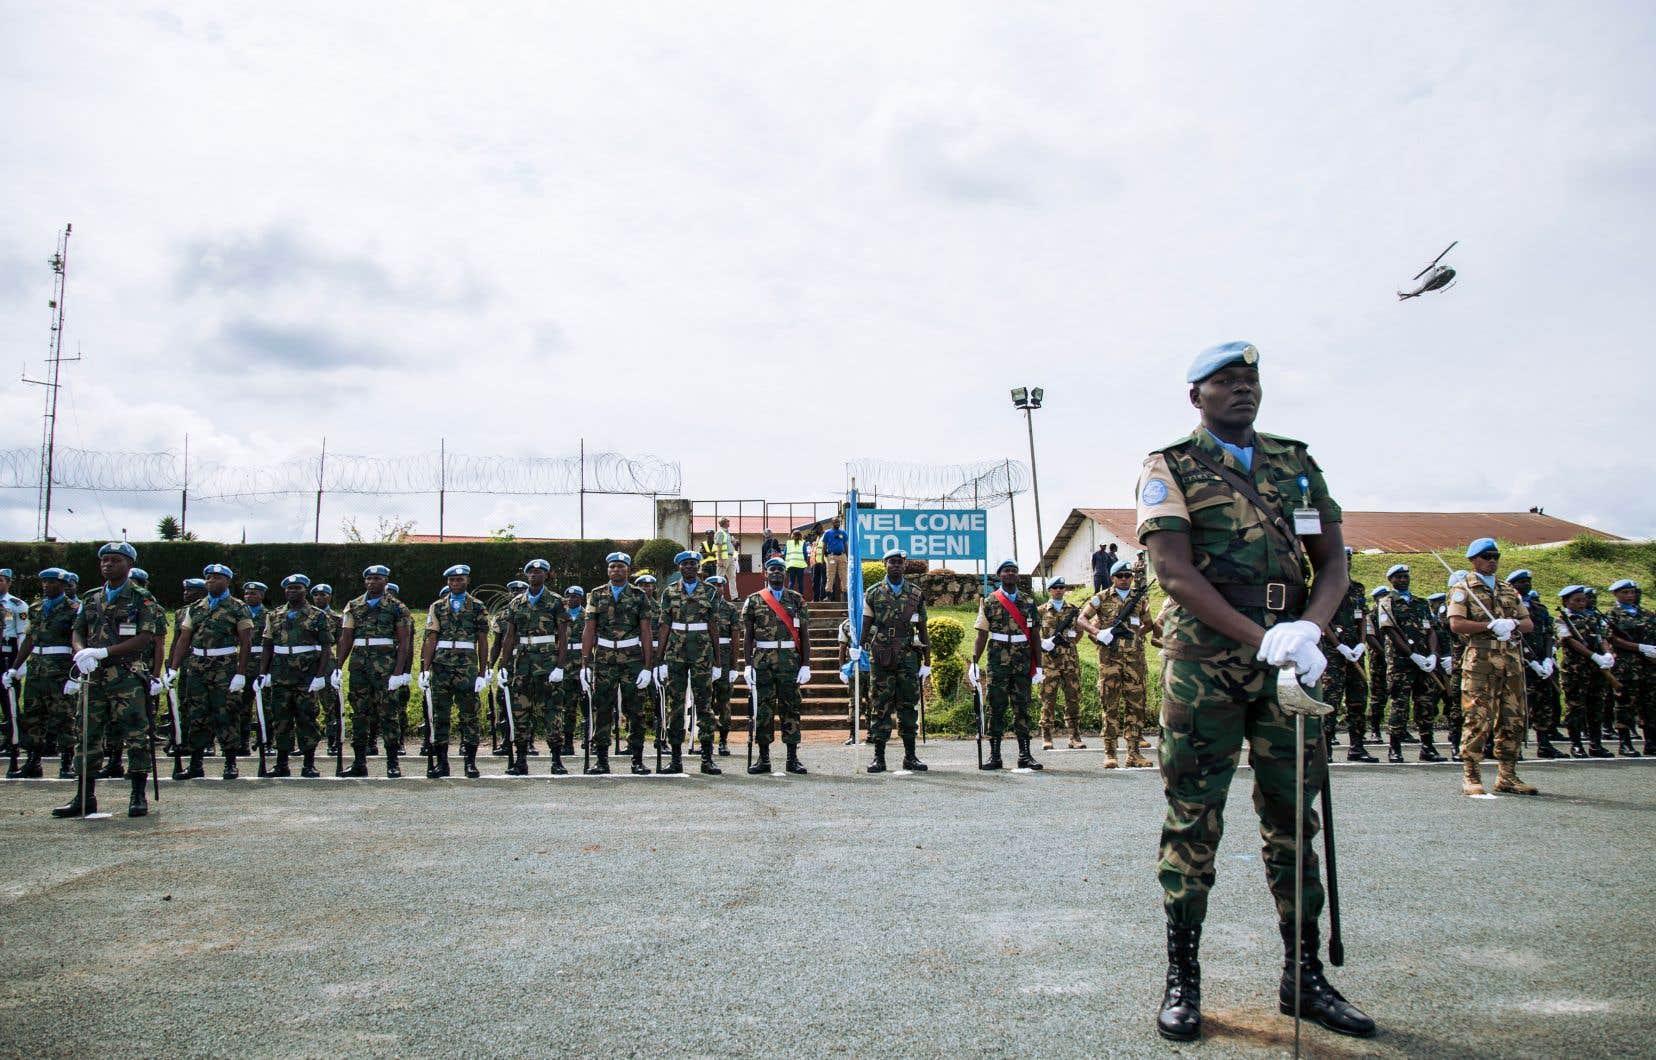 La Mission des Nations unies au Congo se retrouve prise entre deux feux: cible de la population, elle n'a pourtant pas été sollicitée par l'armée congolaise dans son offensive lancée contre les ADF le 30octobre.